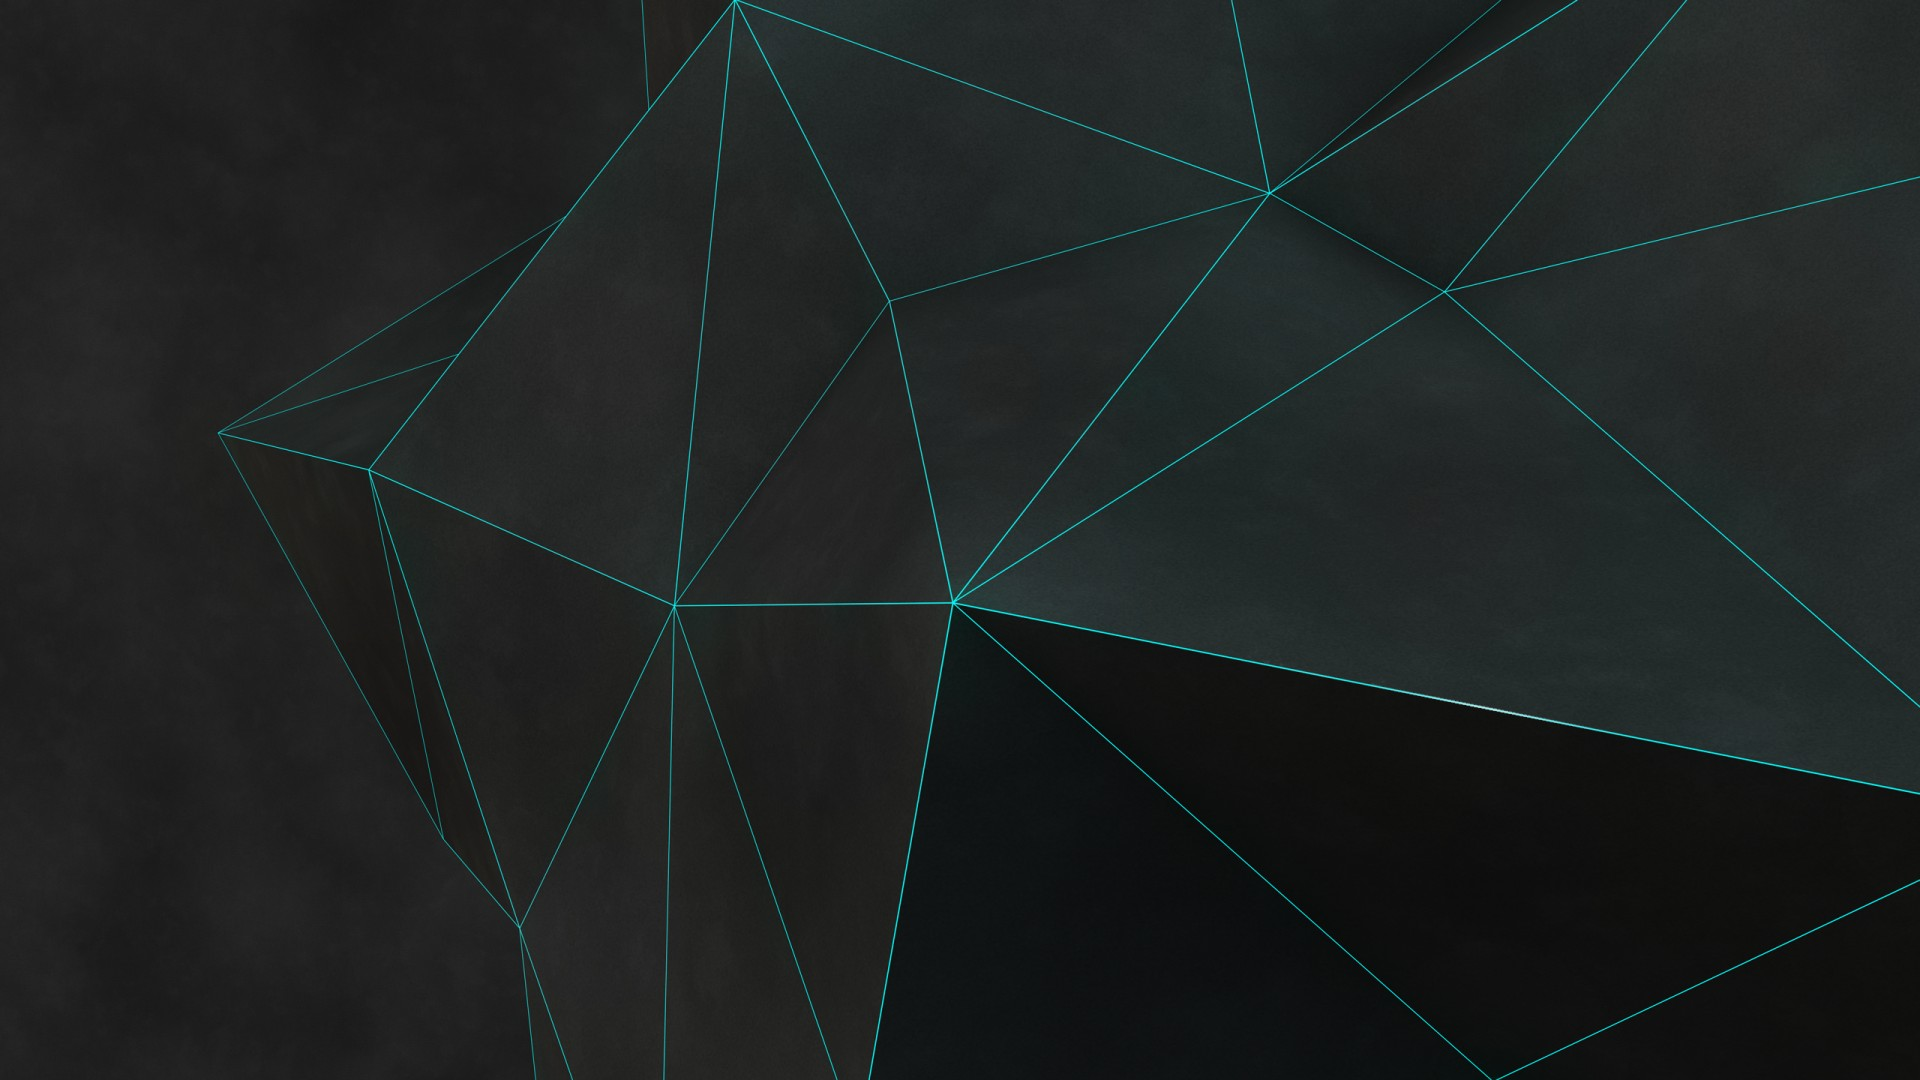 triangles geometric wallpaper geometry abstract minimalistic 1920x1080 1920x1080